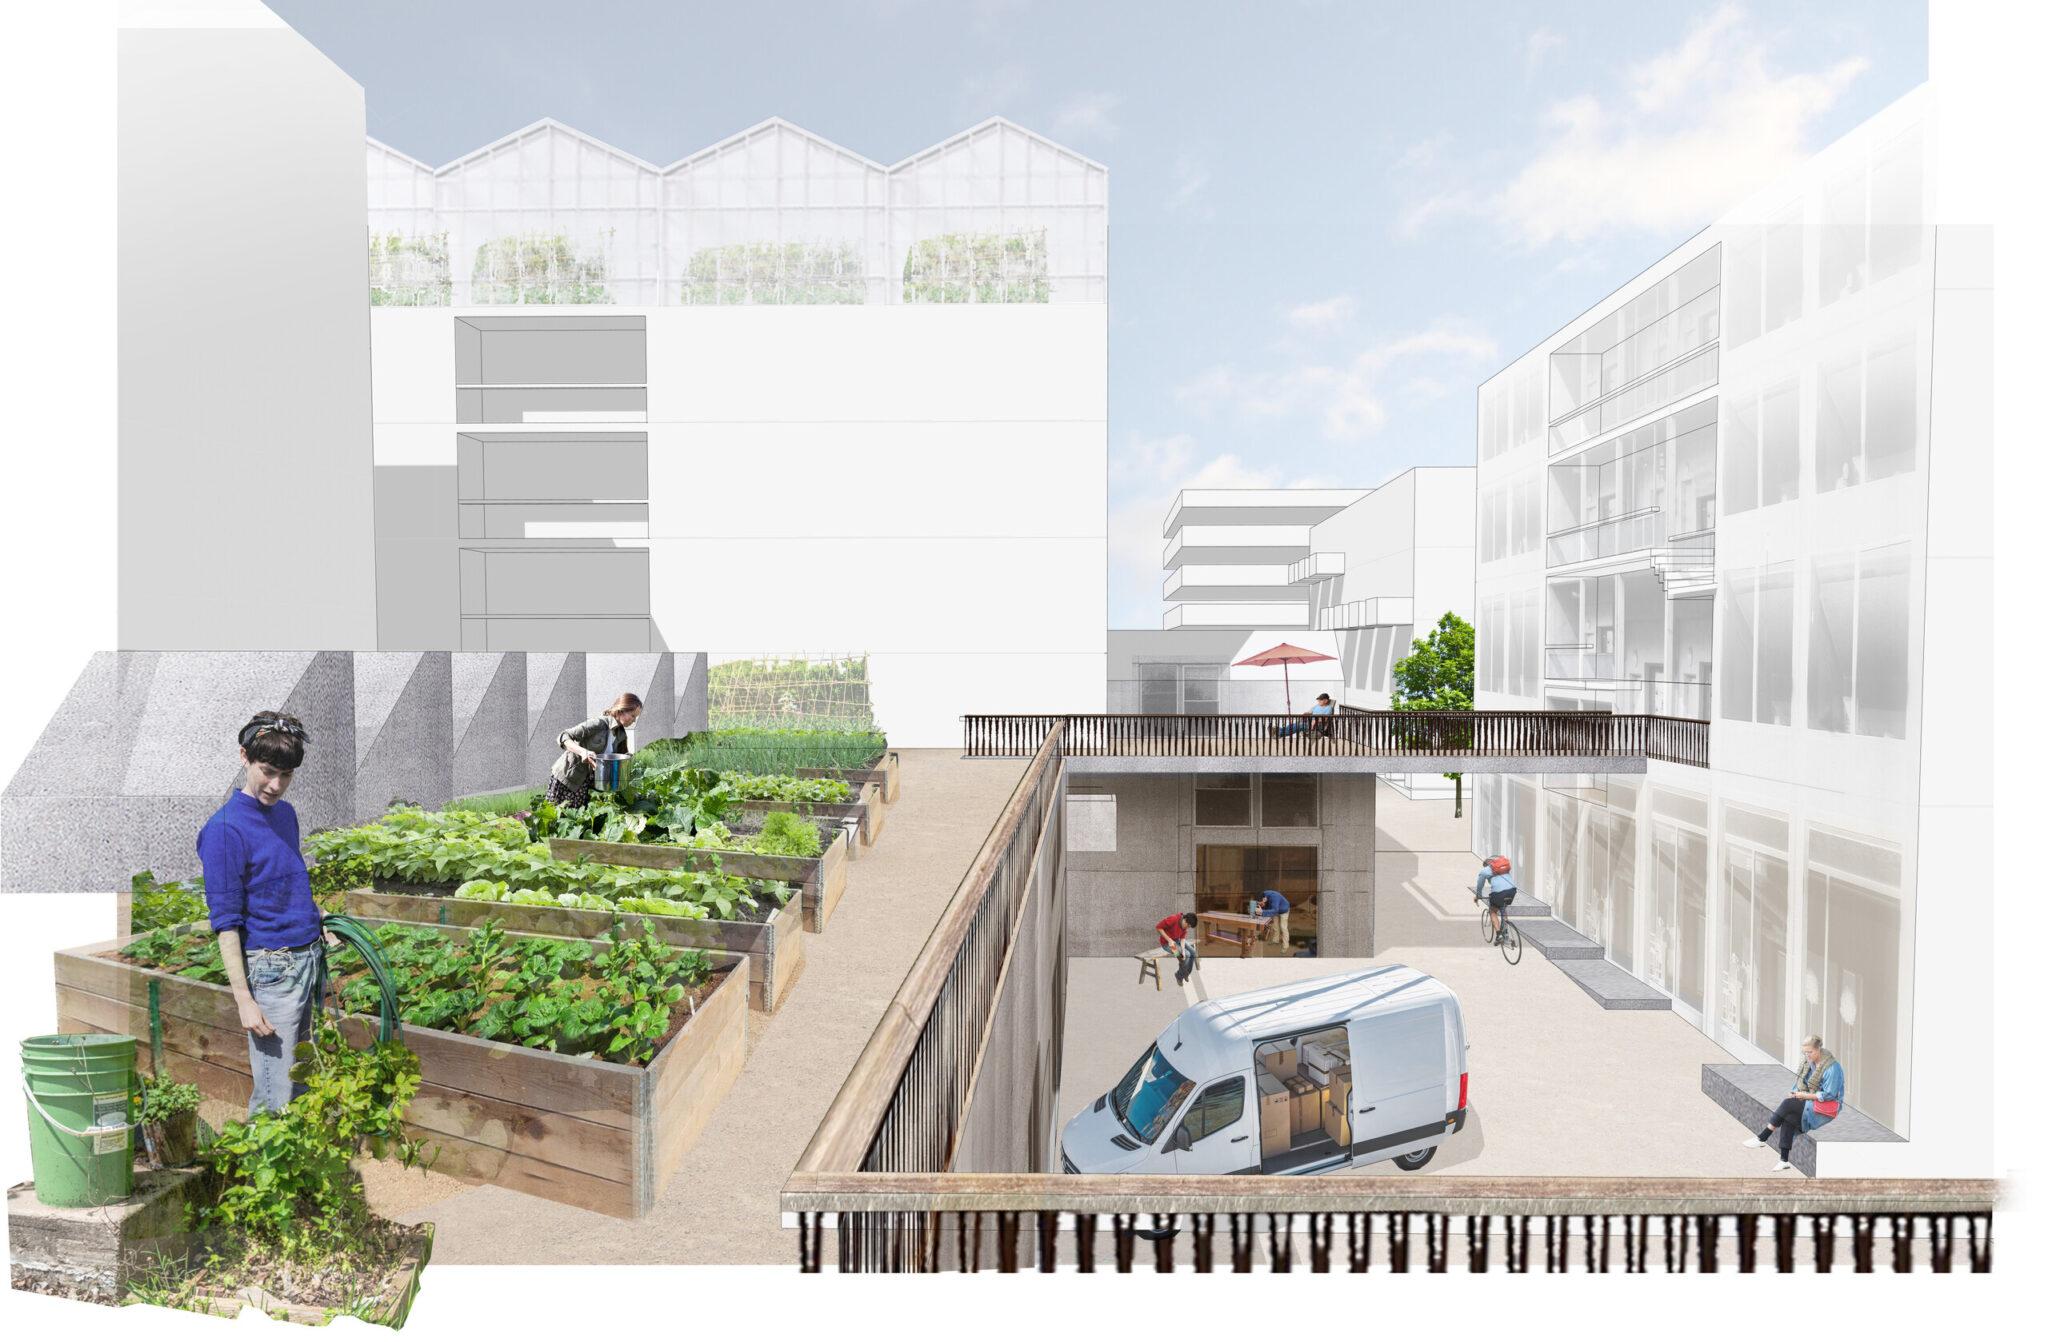 Visualisierung aus dem städtebaulichen Entwurf von JOTT architecture & urbanism GbR für das IBA'27-Projekt »Produktives Stadtquartier Winnenden«: Blick in den lebendigen Innenhof eines Baublocks (Bild: JOTT architecture & urbanism GbR)